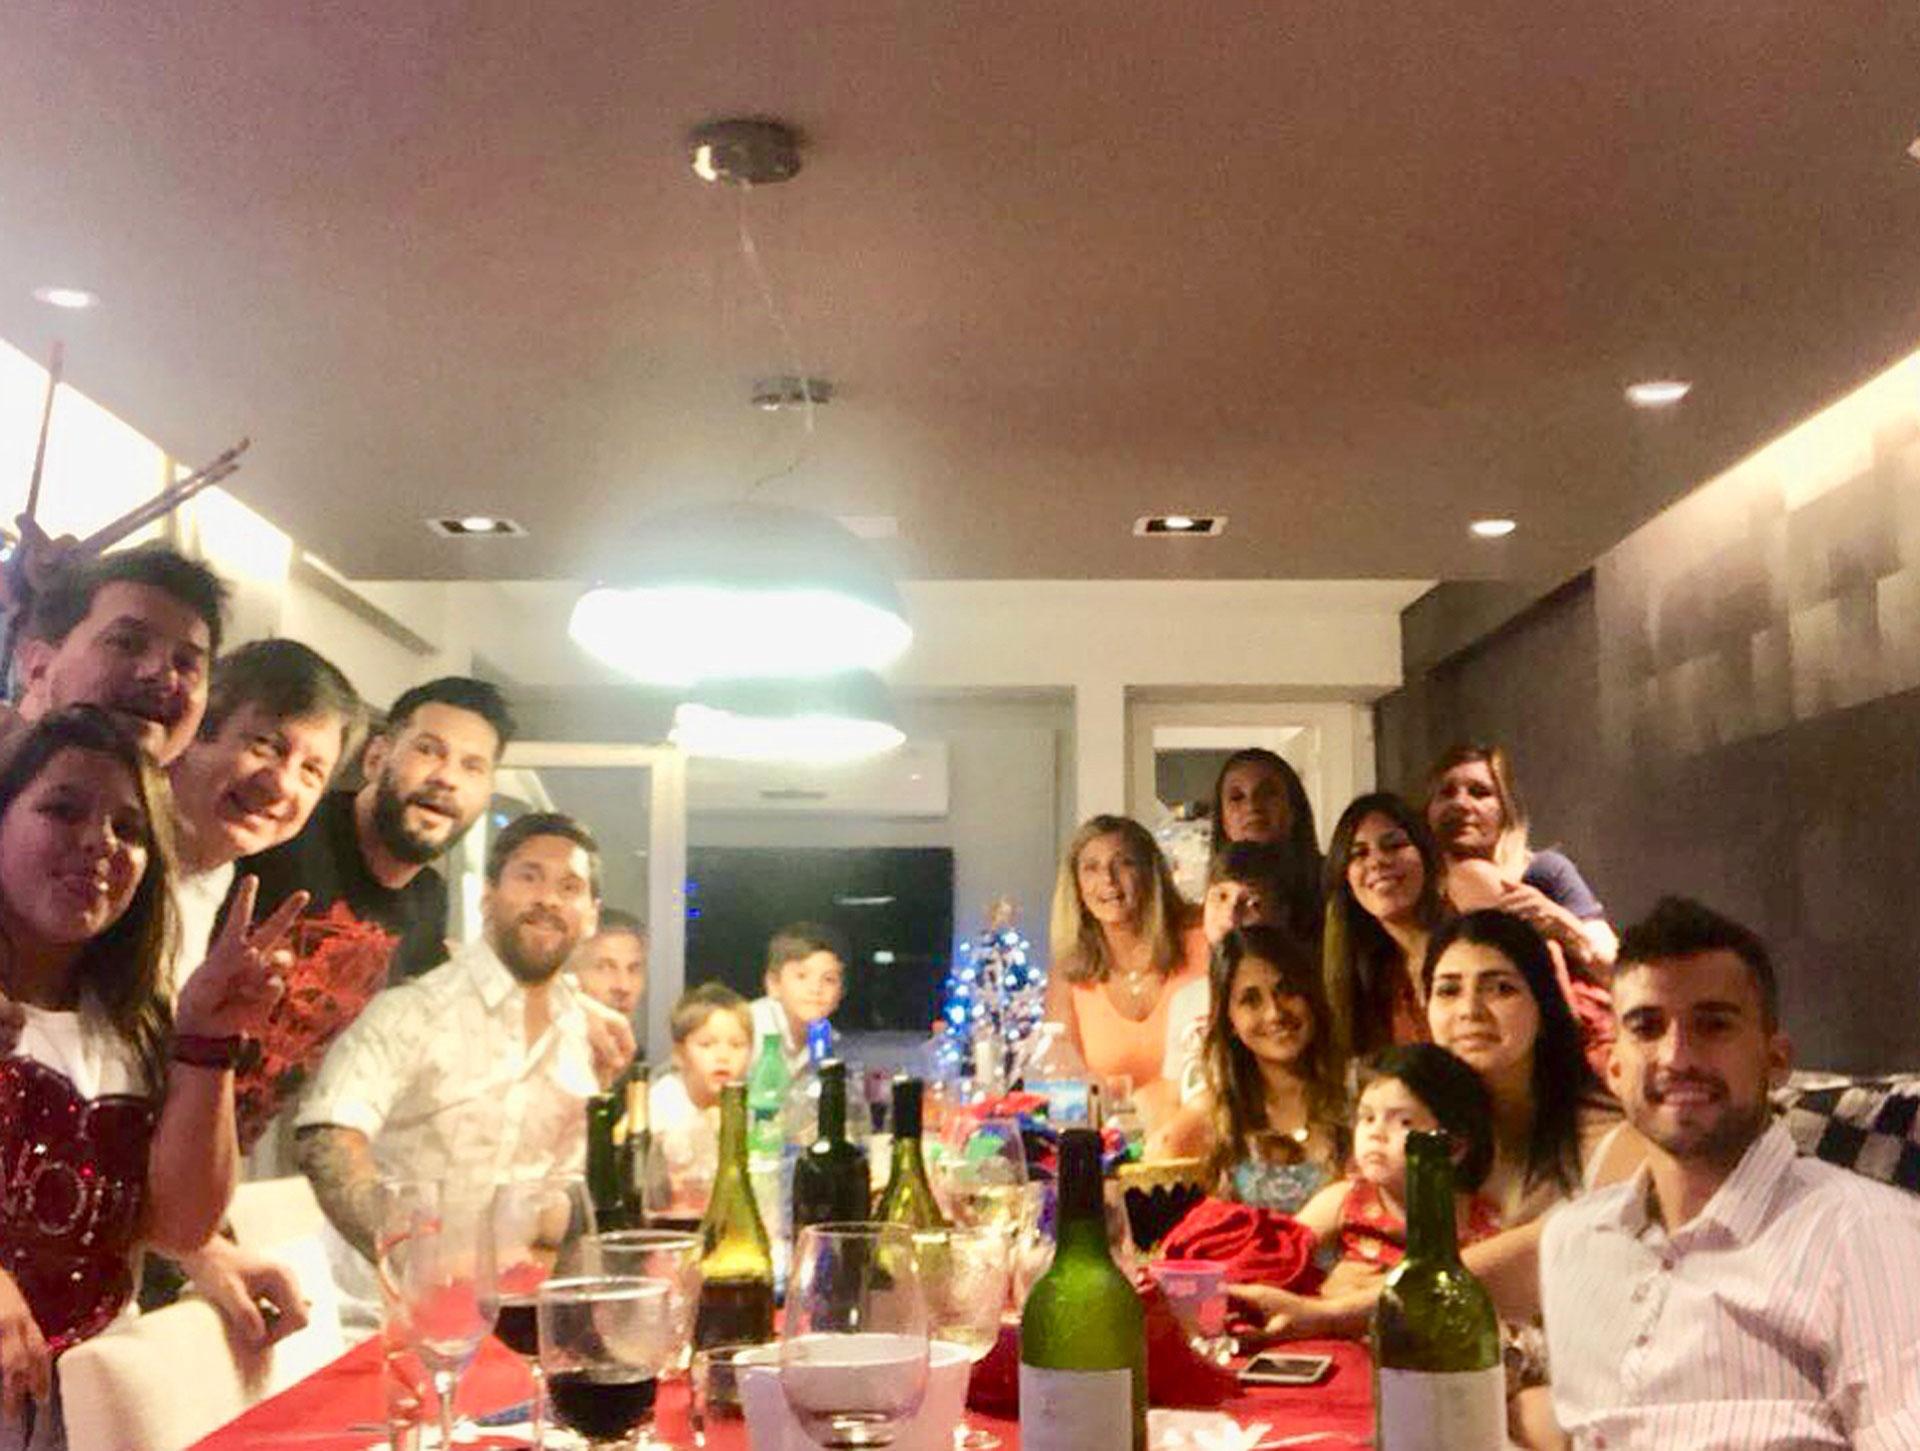 La familia reunida y de festejo.